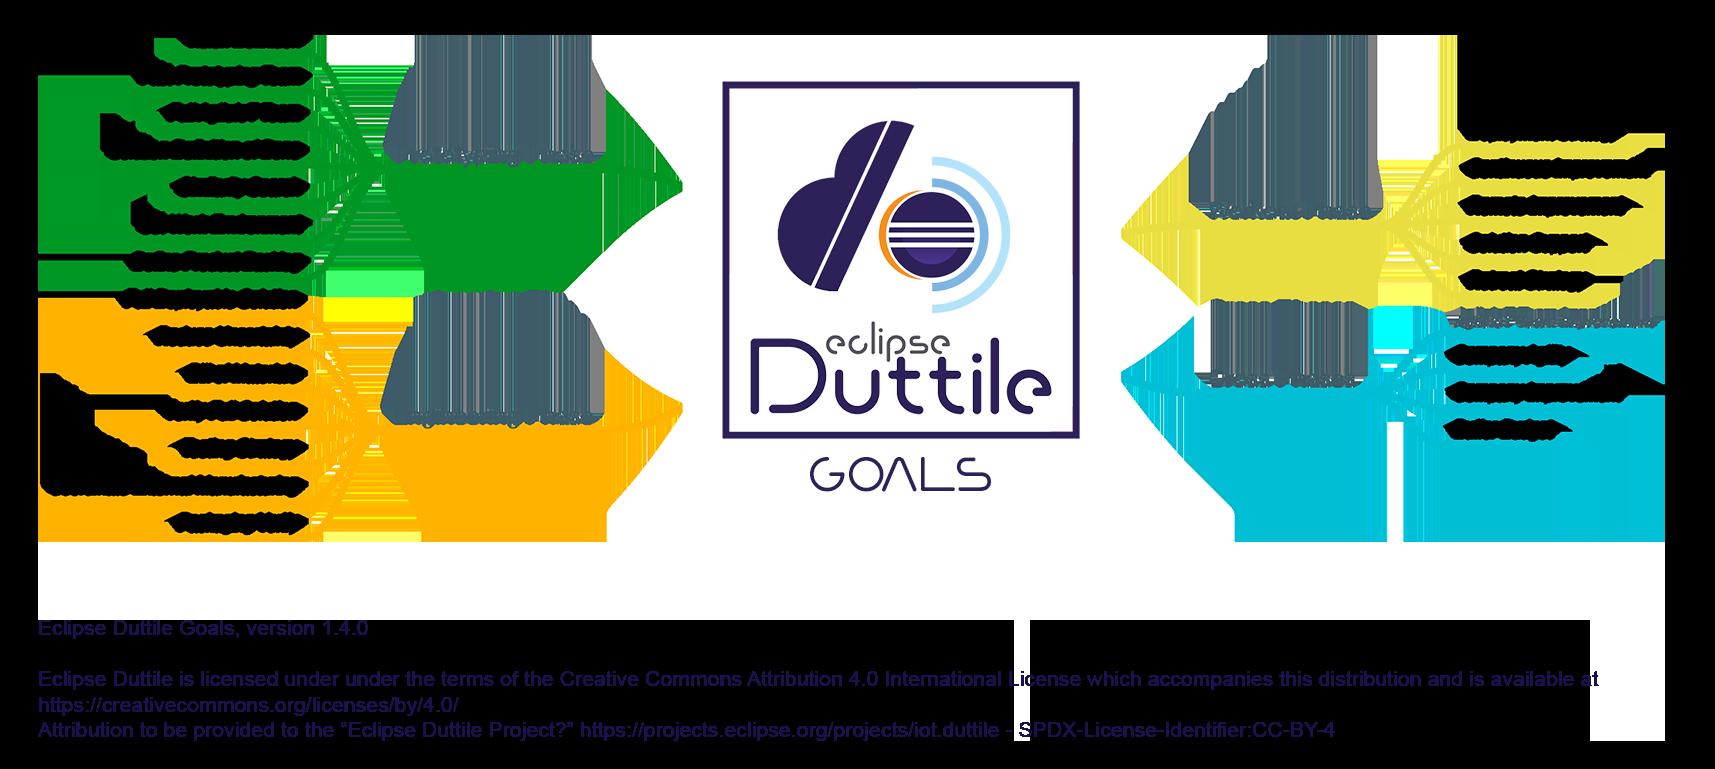 Agile Duttile Goals